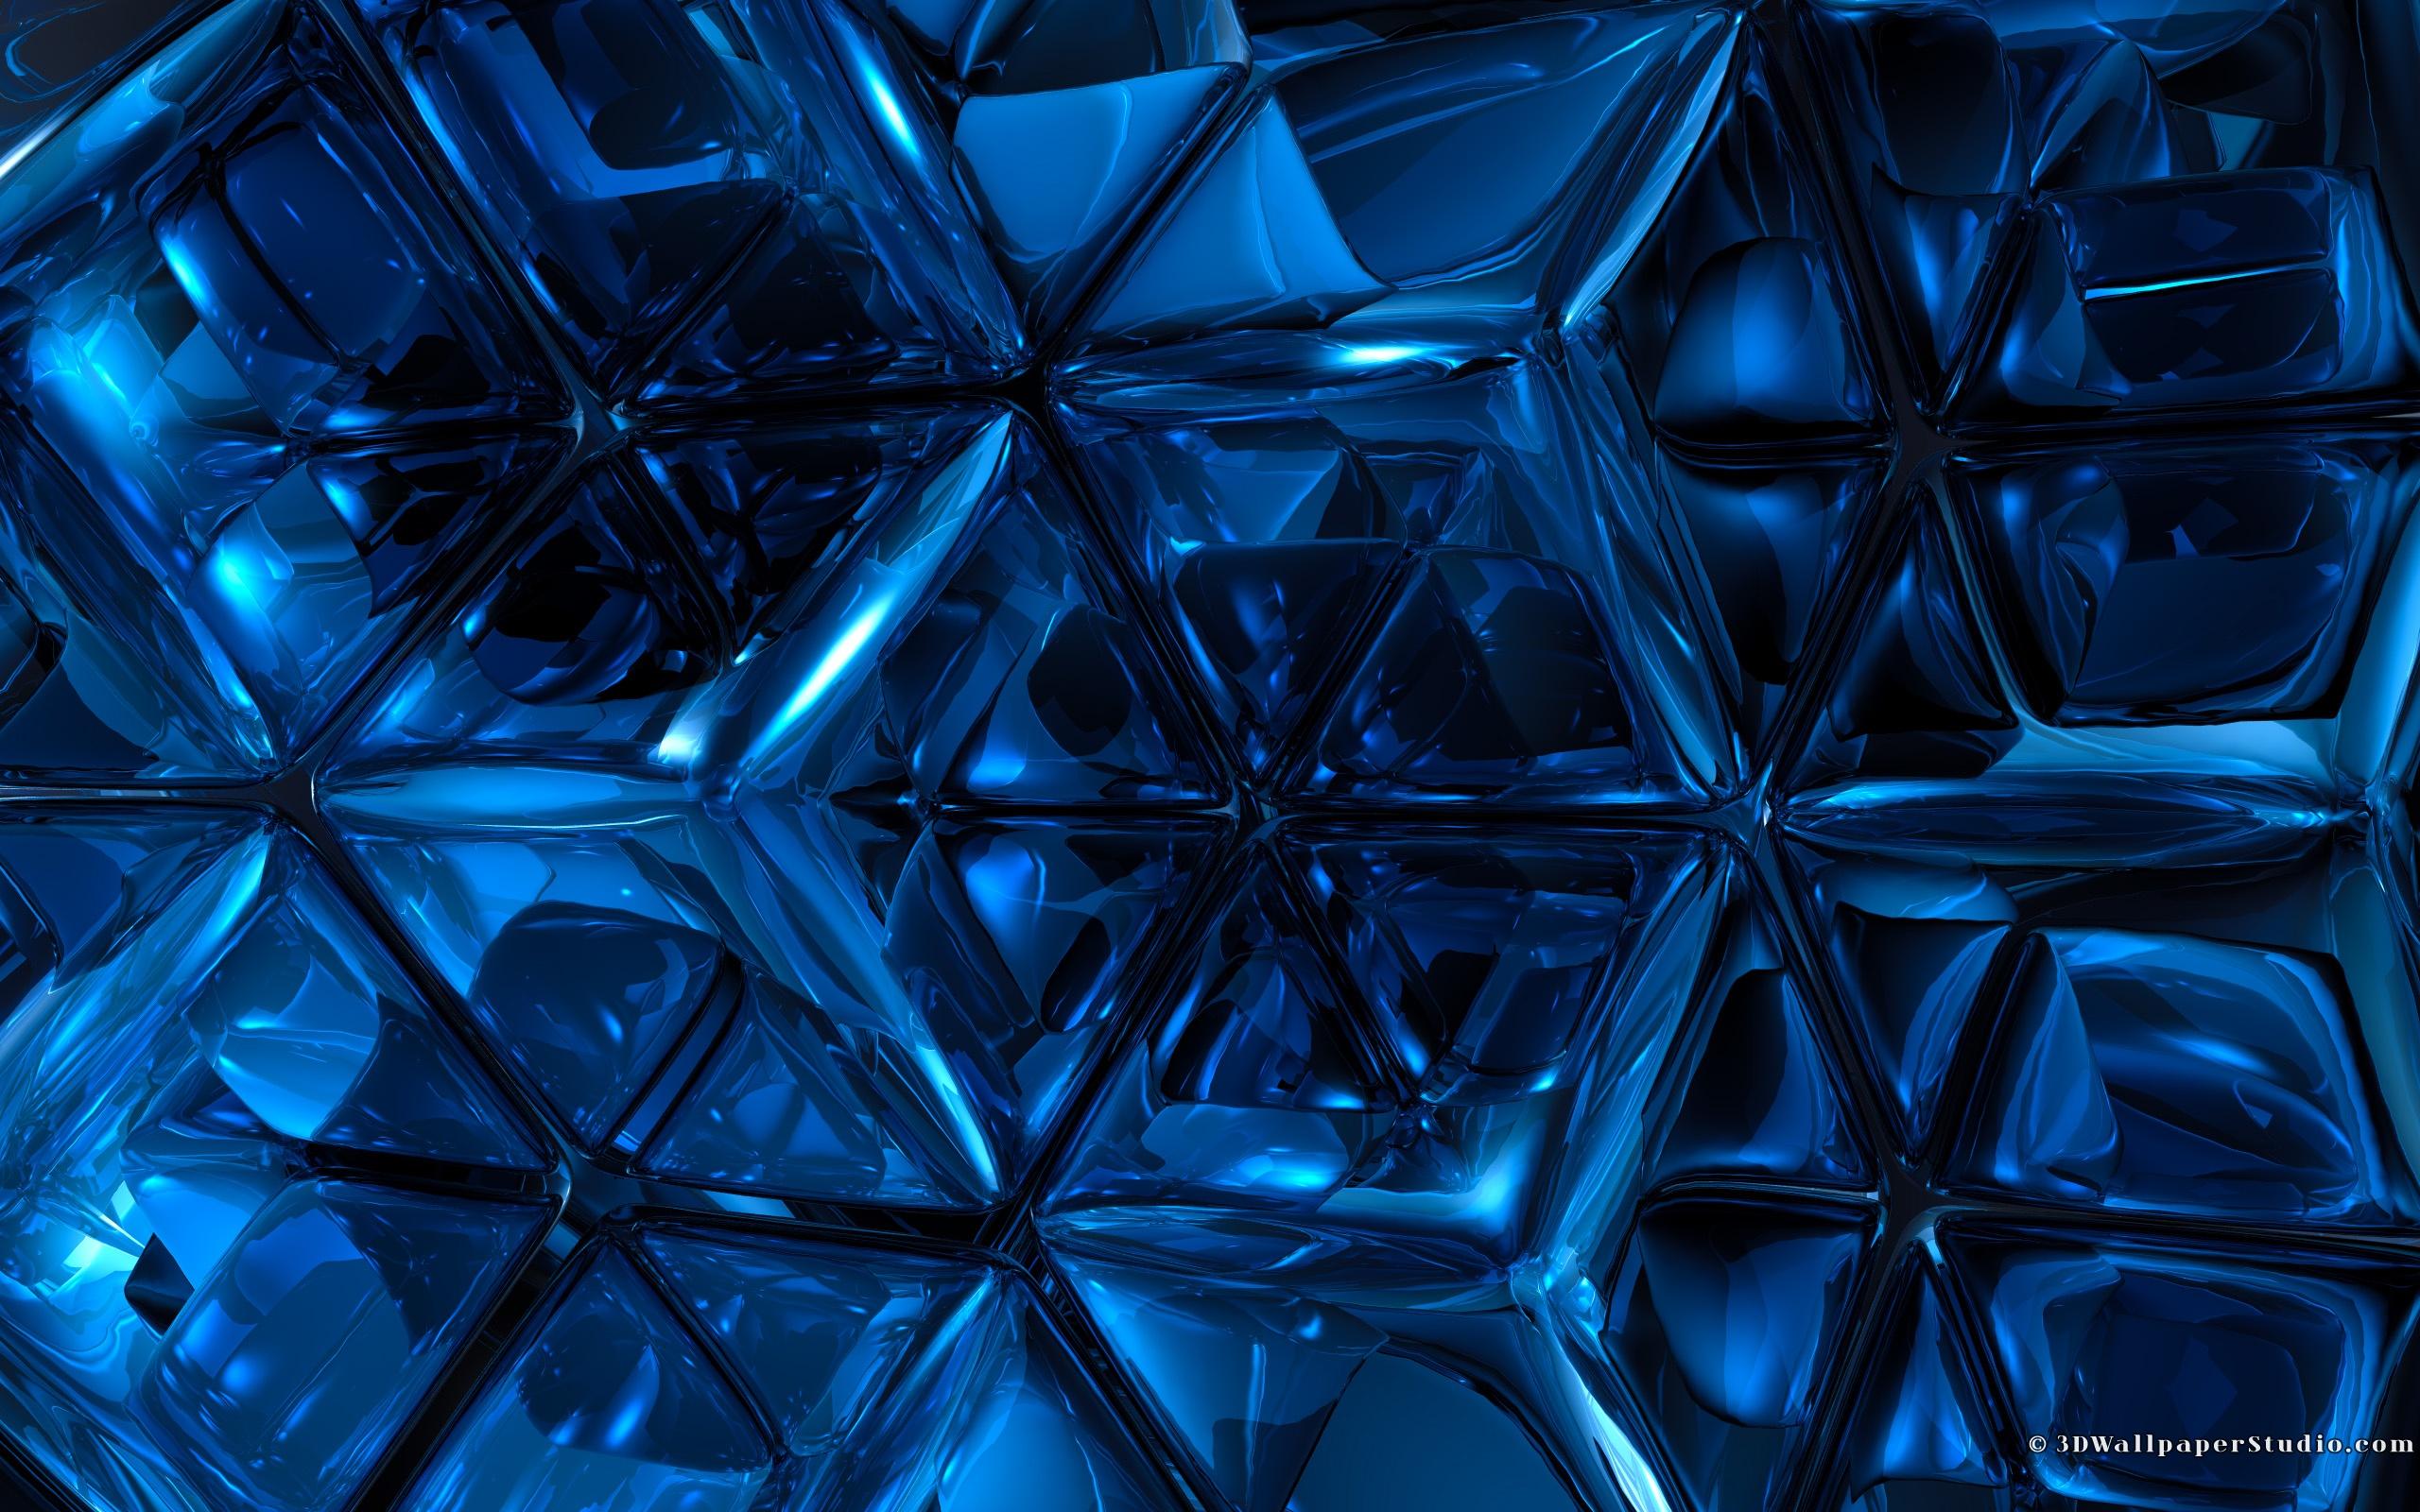 3d Blue Wallpaper Backgrounds 3d Wallpaper Blue Abstract 2560x1600